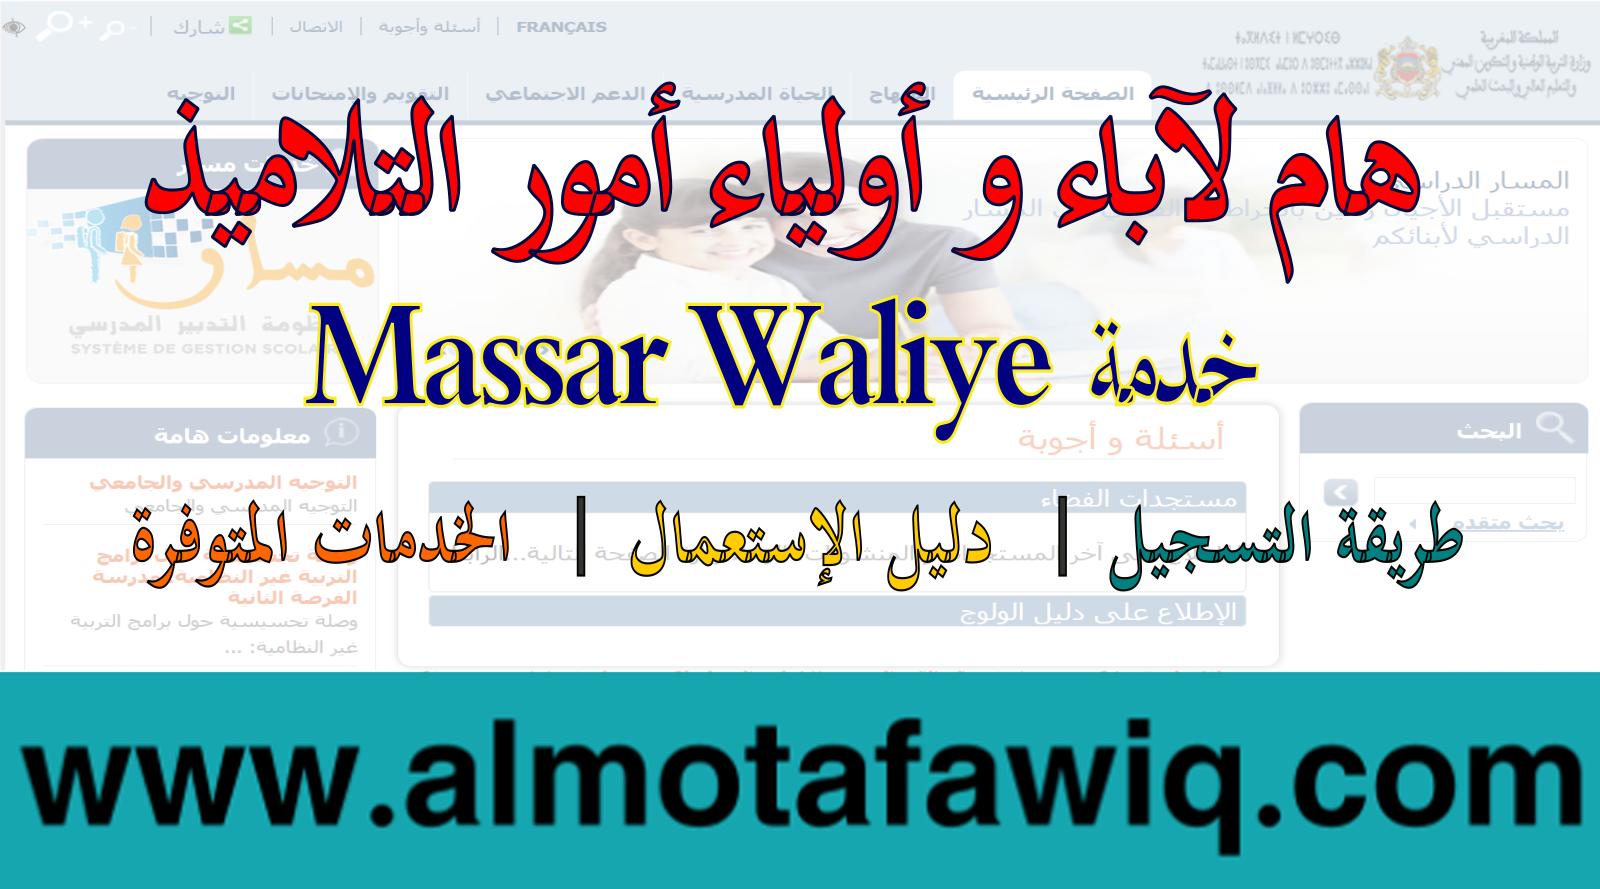 خدمة مسار Massar Waliye لفائدة أمهات وآباء وأولياء التلاميذ